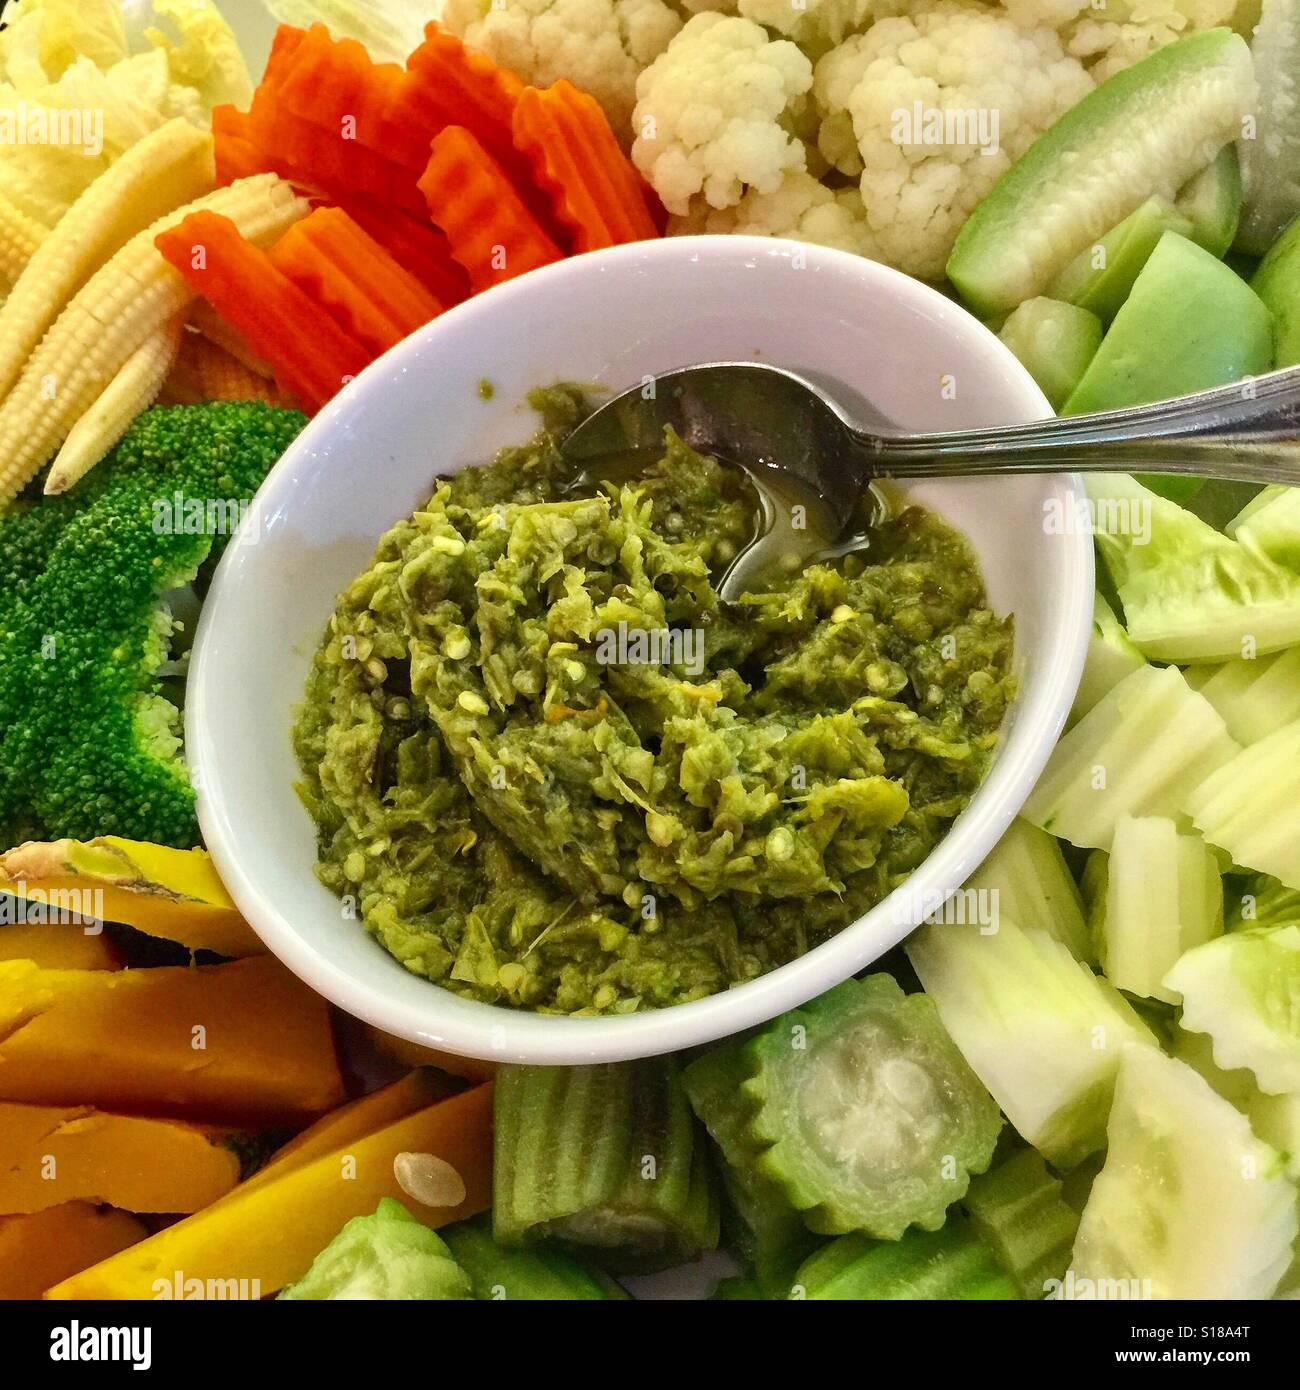 Image result for nam prik and steamed vegetables northern thailand